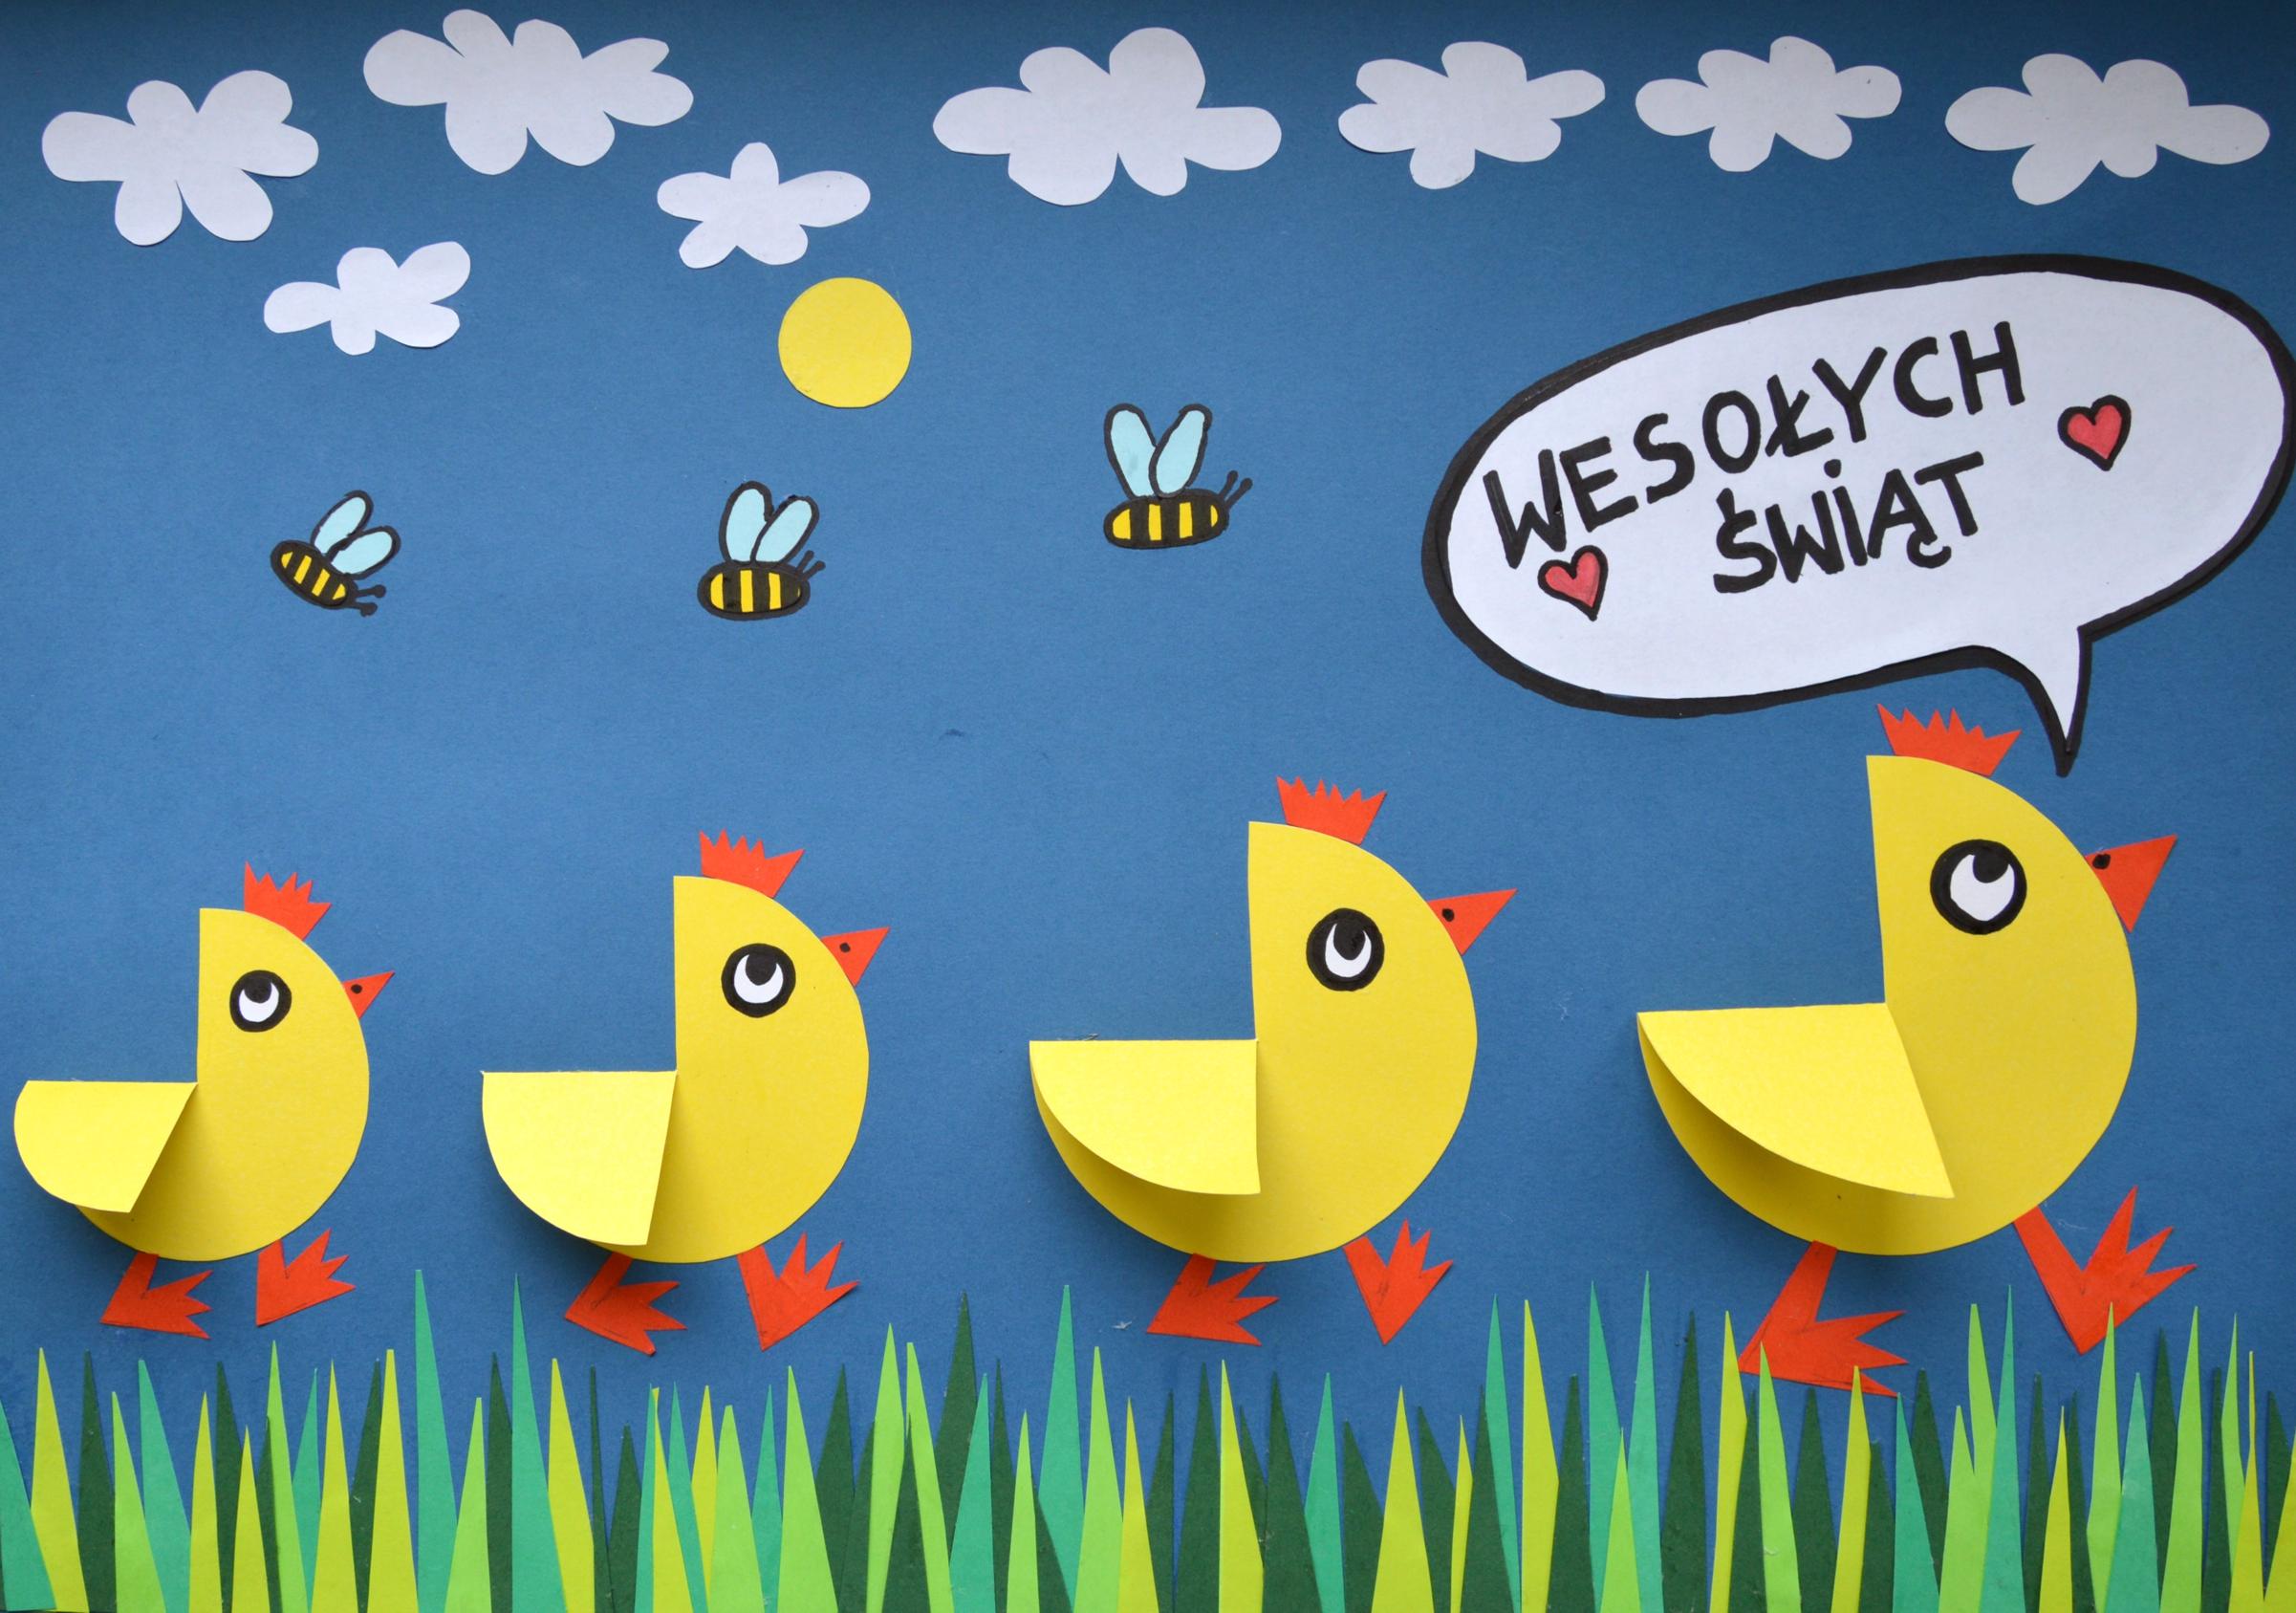 Nie taki on-line straszny #plastykairekodzielo / wędrowne kurczaki